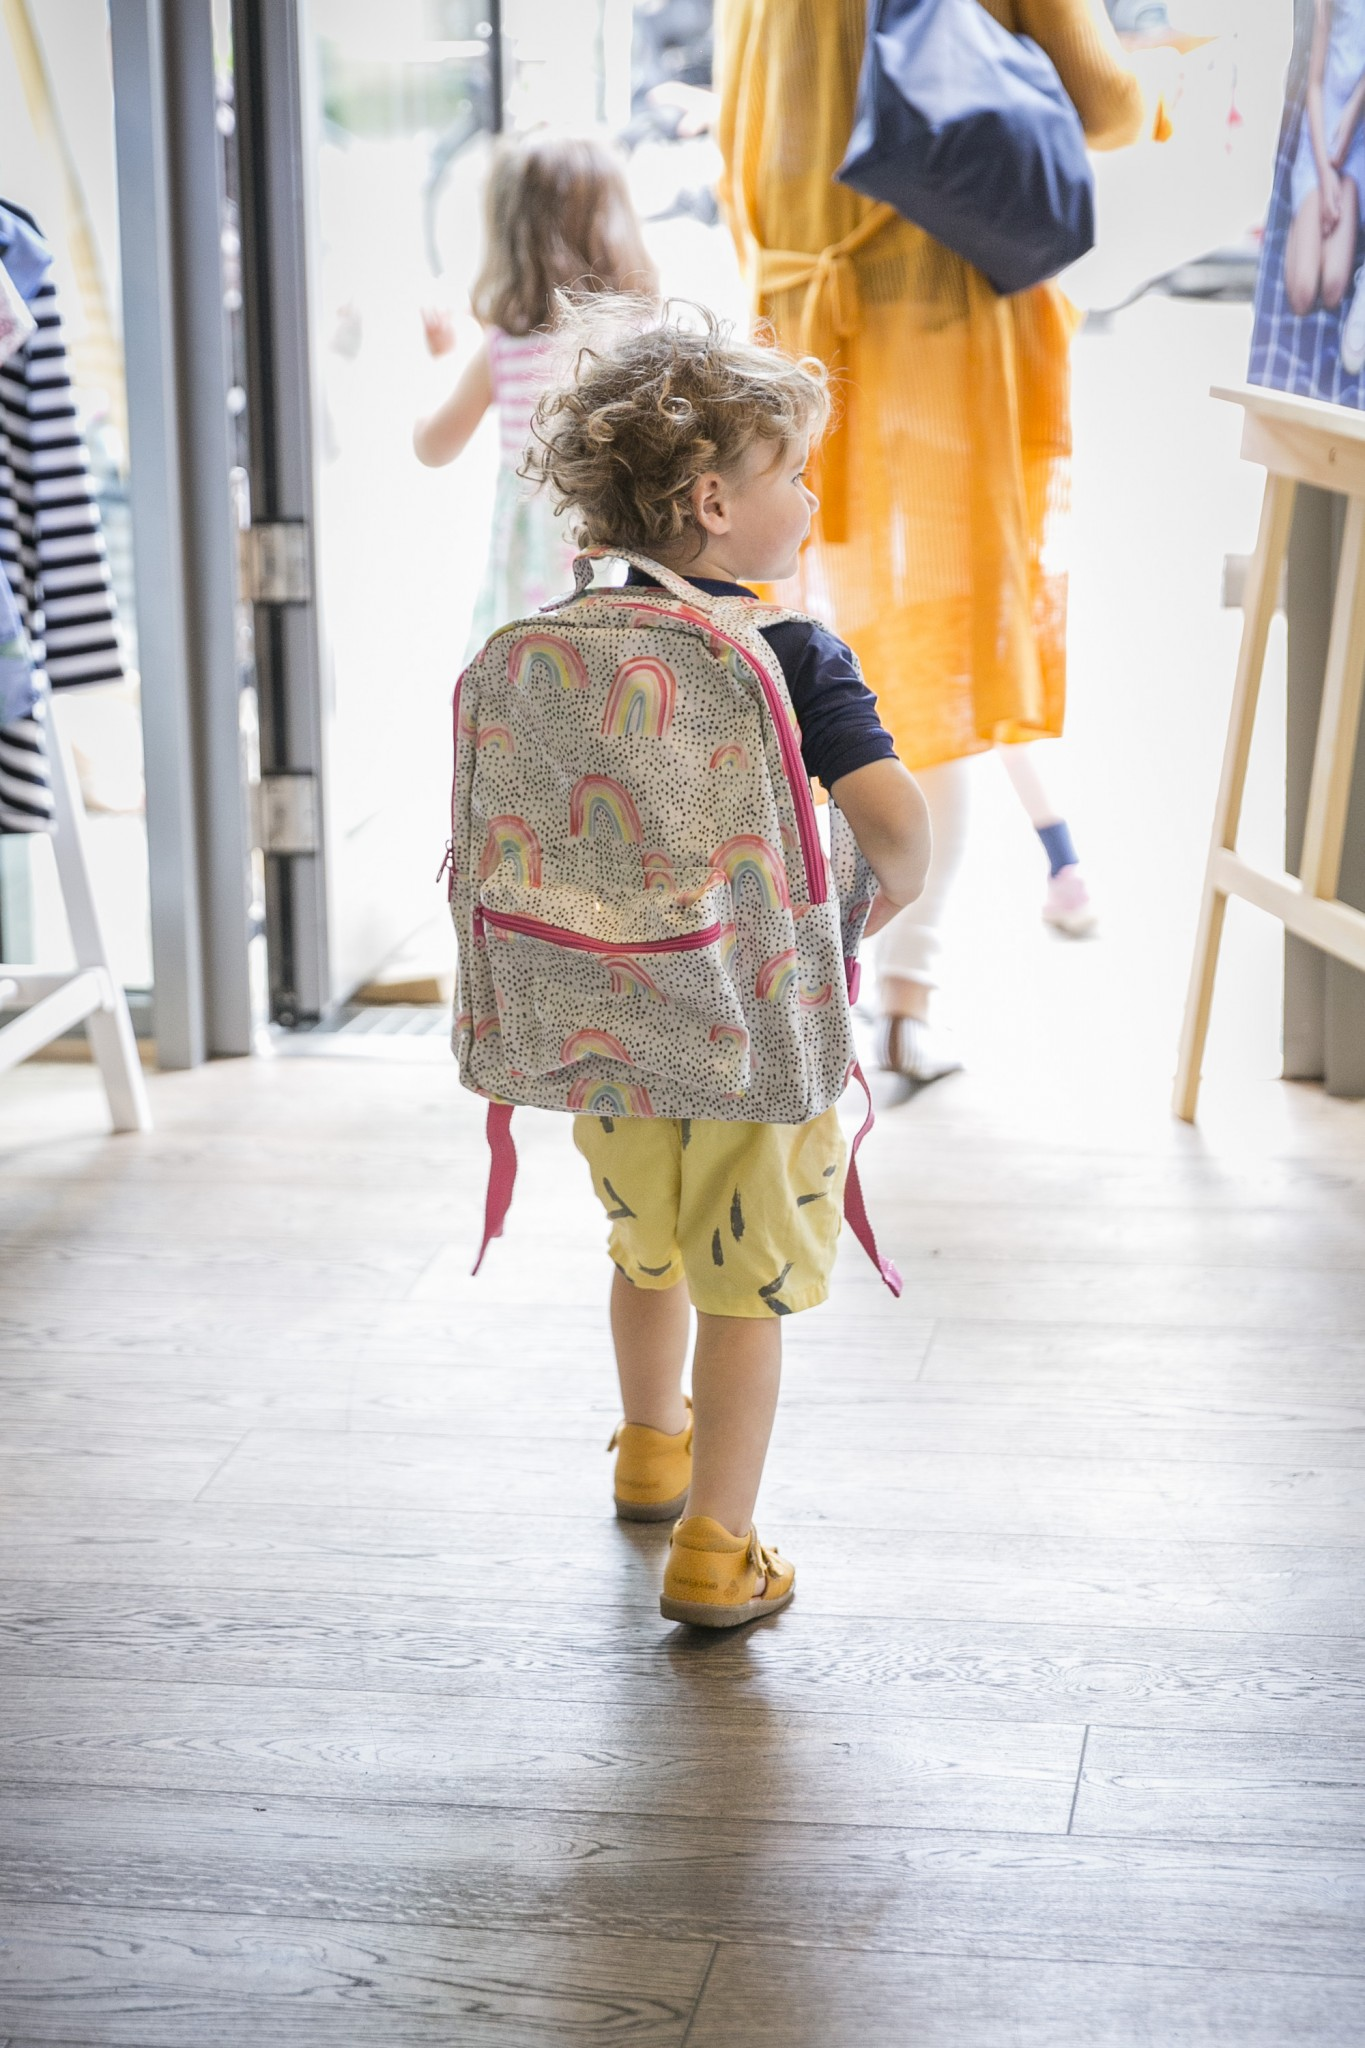 Next Event im Wunderhaus. Kind mit buntem Rucksack.